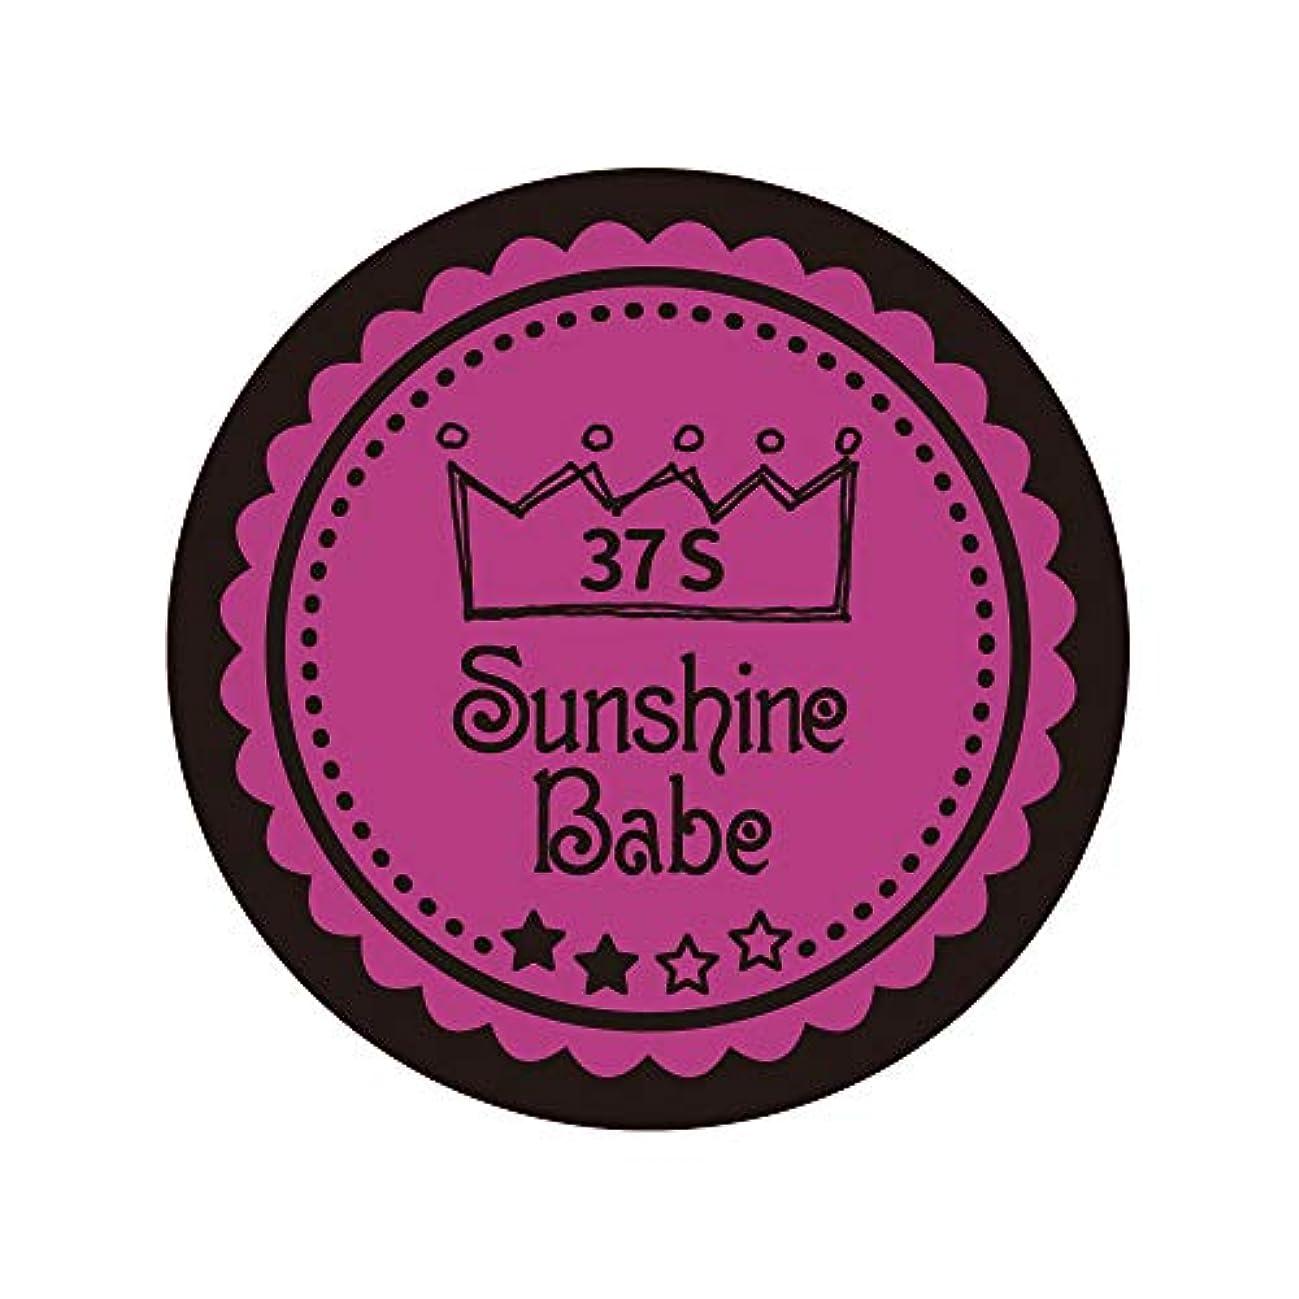 再生的非公式硬さSunshine Babe カラージェル 37S フューシャピンク 4g UV/LED対応